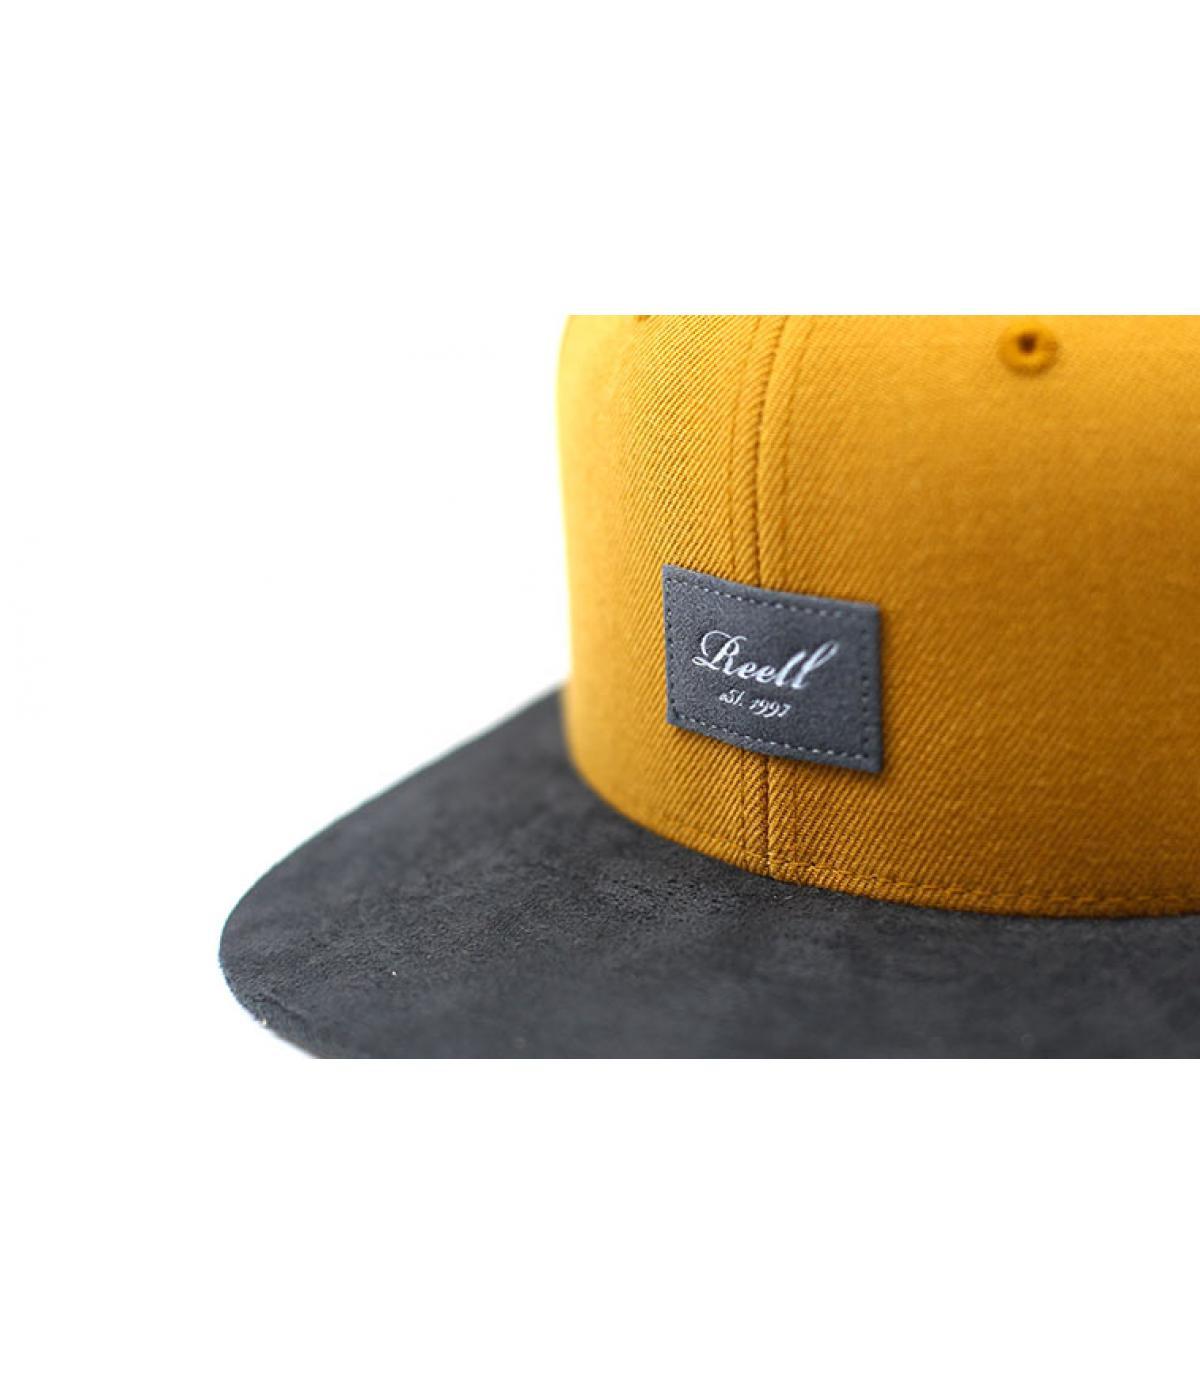 Détails Suede Cap Yellow brown - image 3